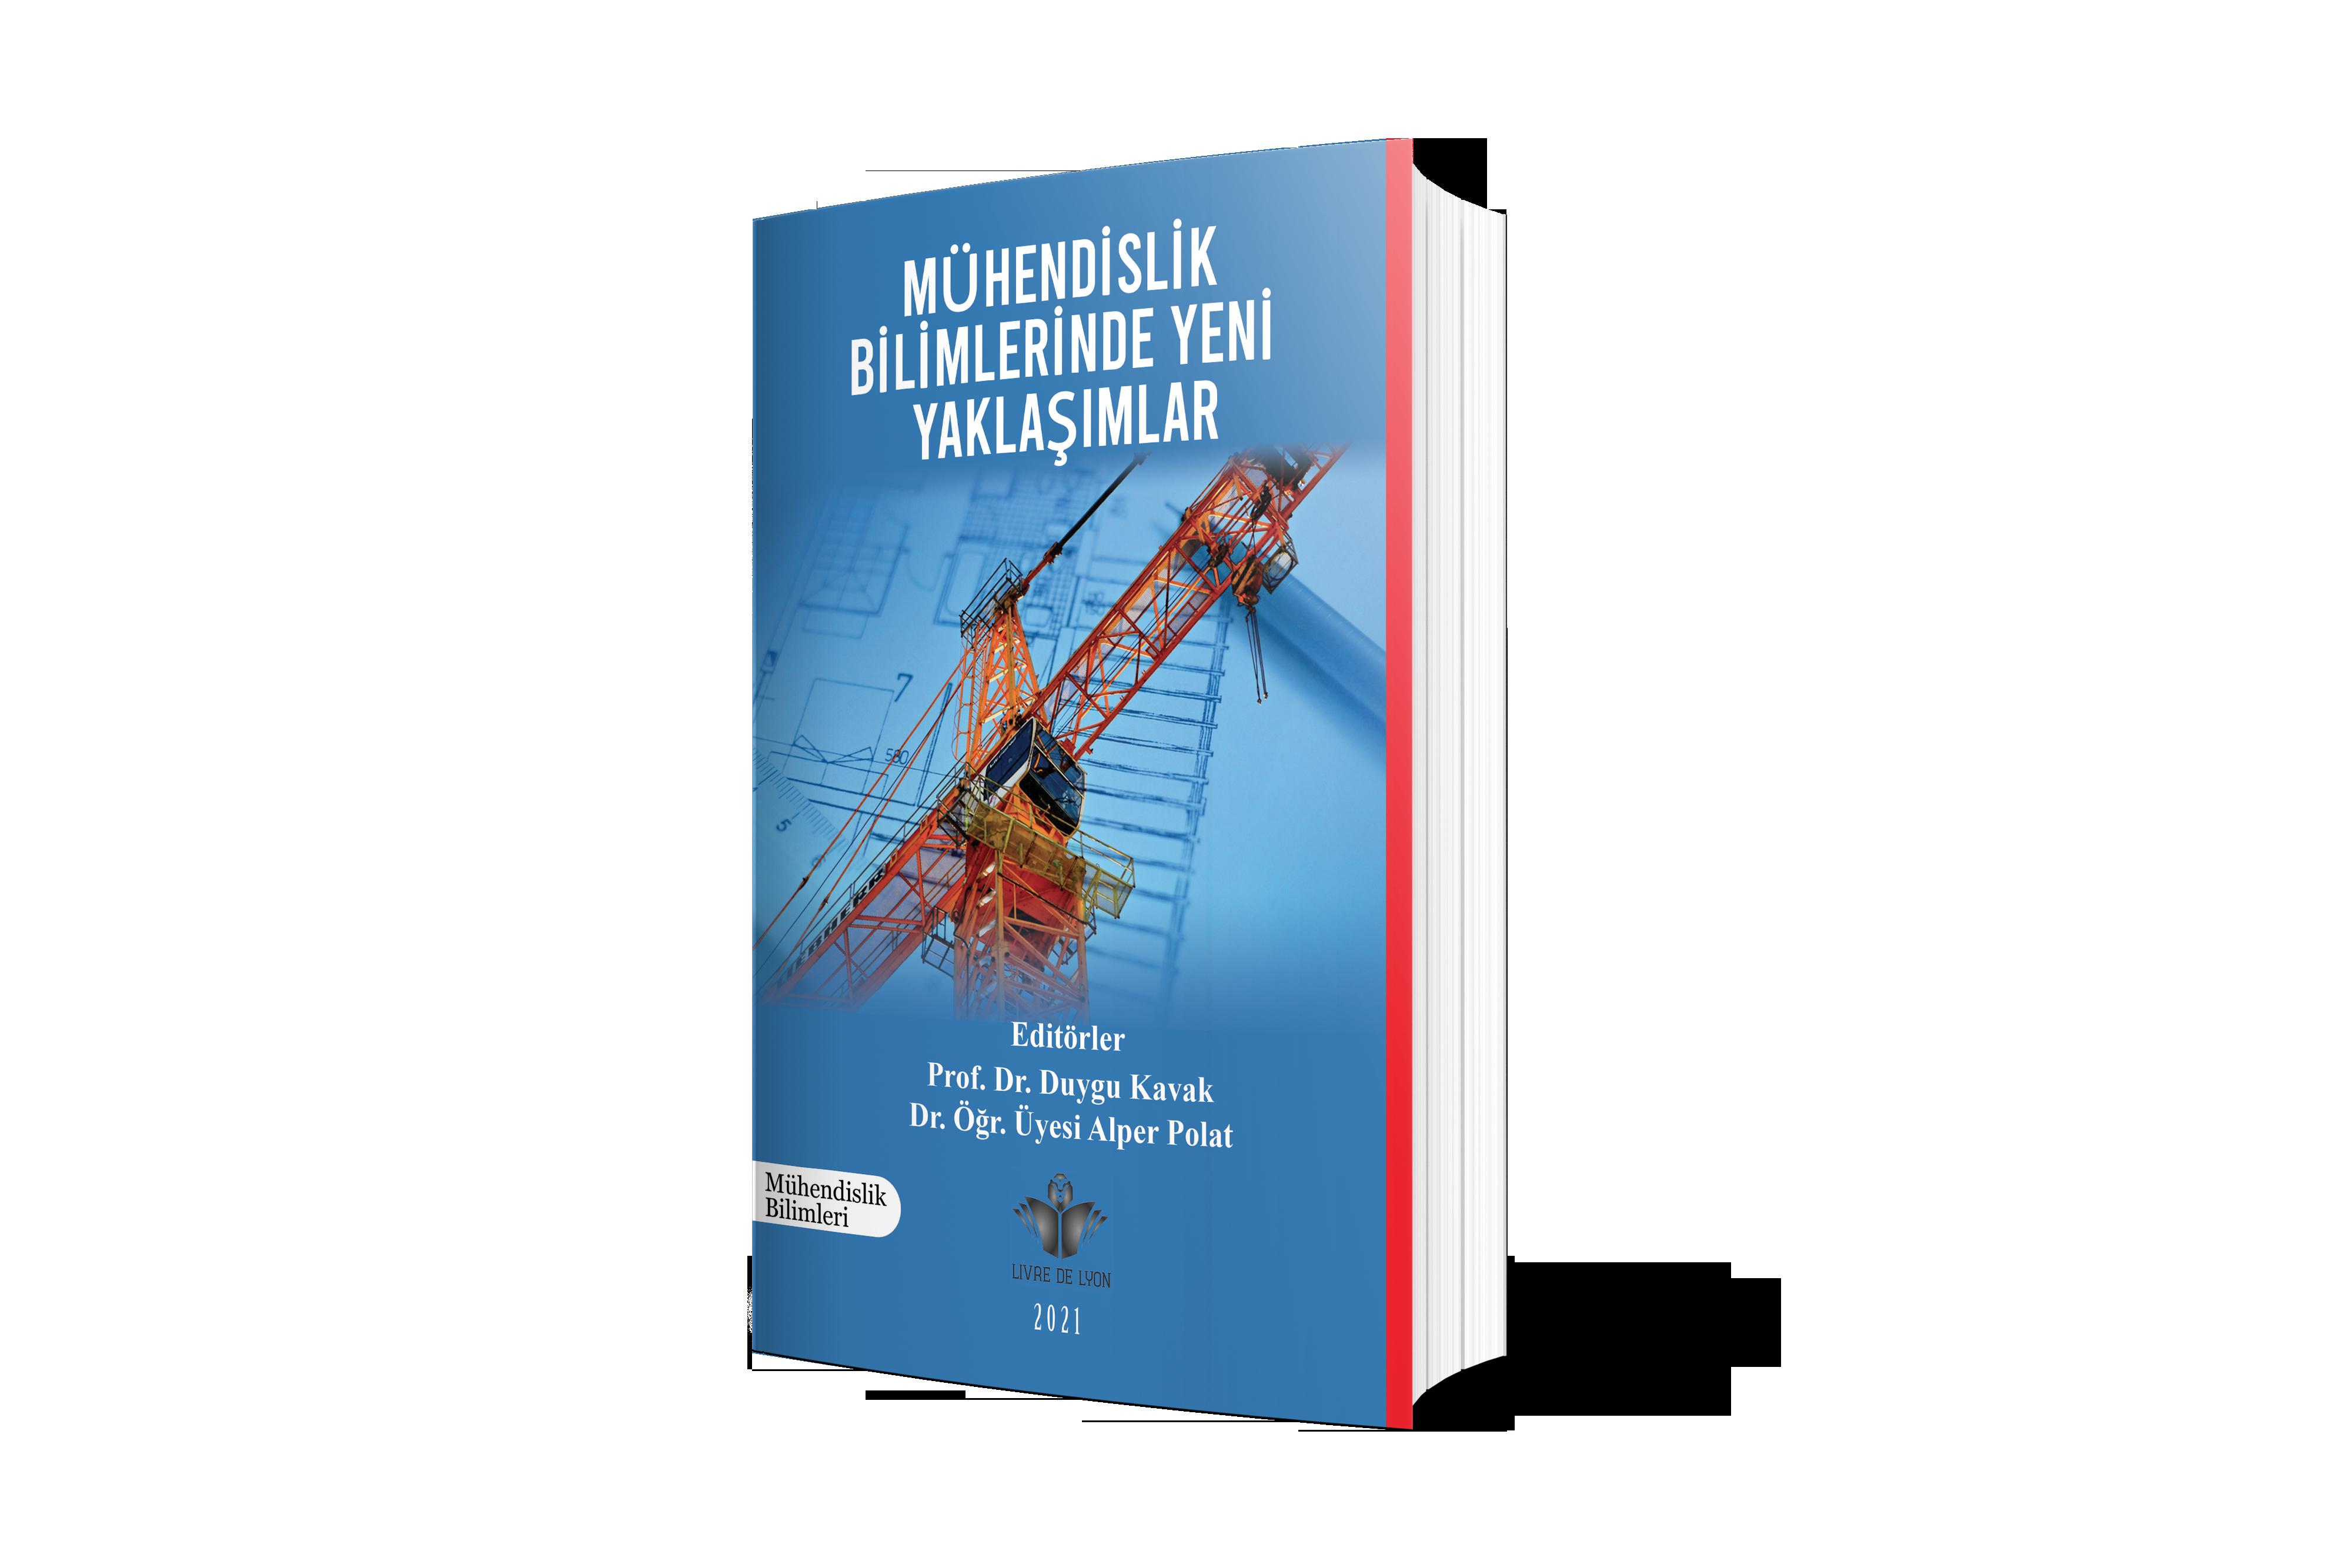 Mühendislik Bilimlerinde Yeni Yaklaşımlar